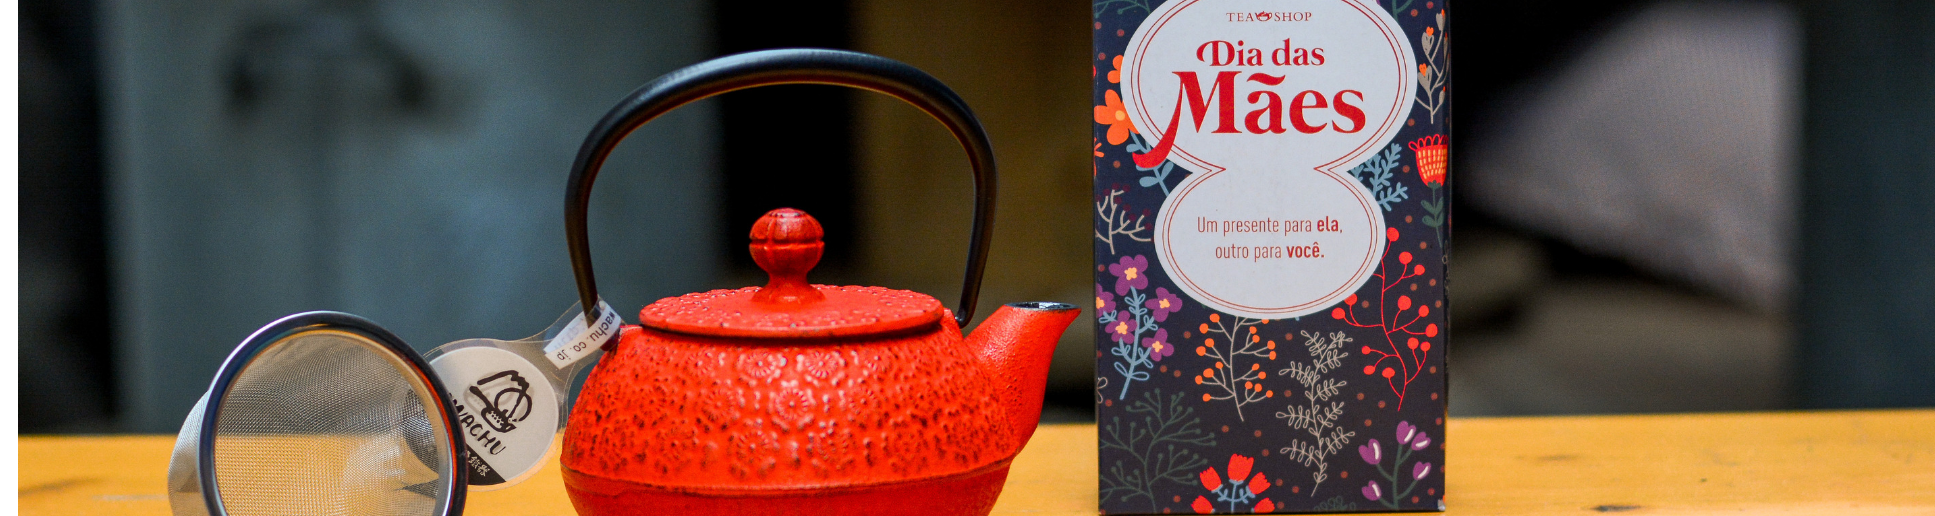 Tea Lovers bem equipadas nesse Dia das Mães